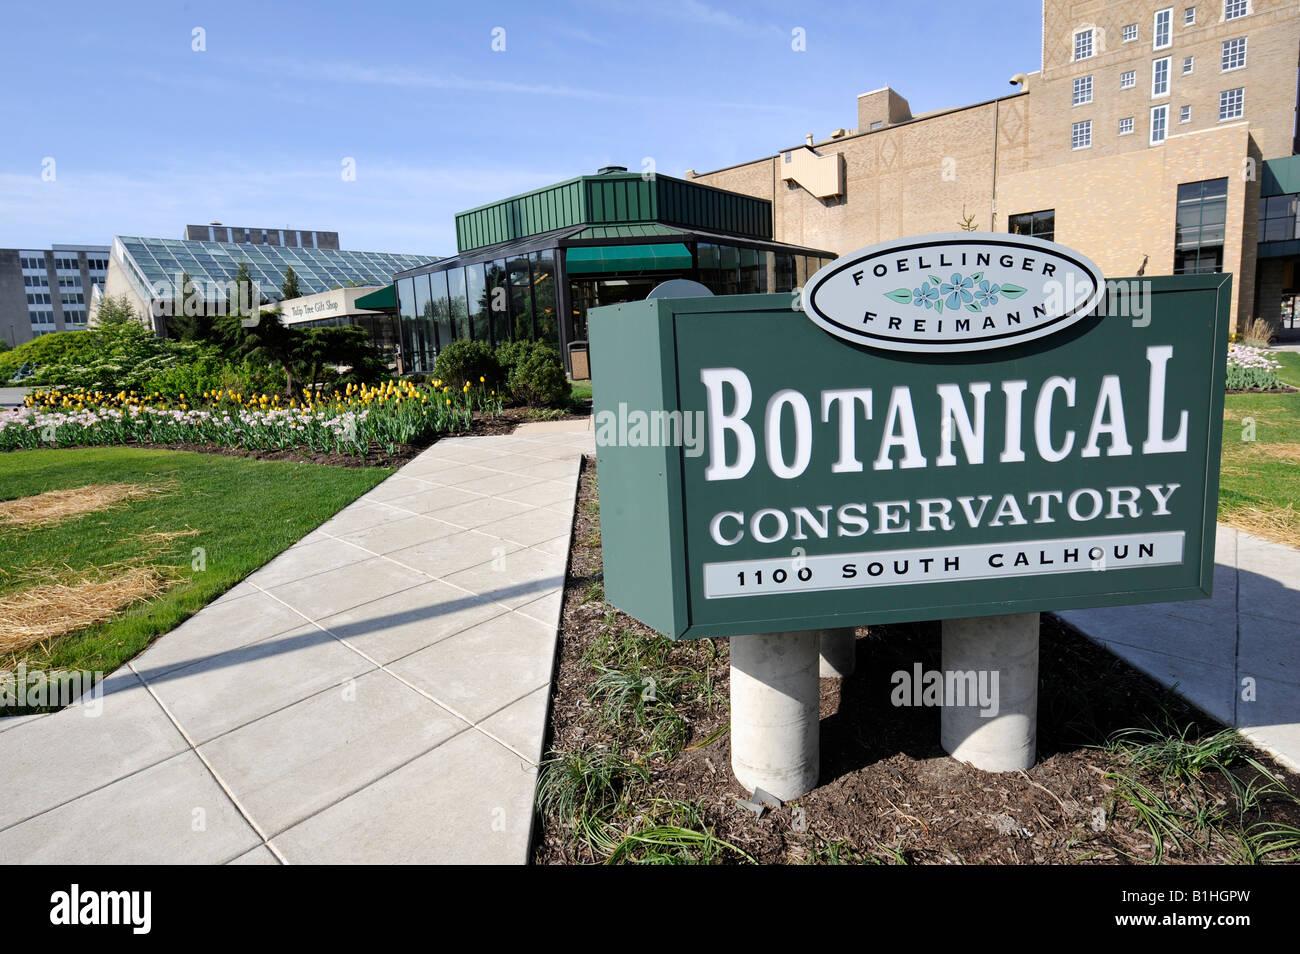 Beau Foellinger Freimann Botanical Conservatory Of Fort Wayne Indiana